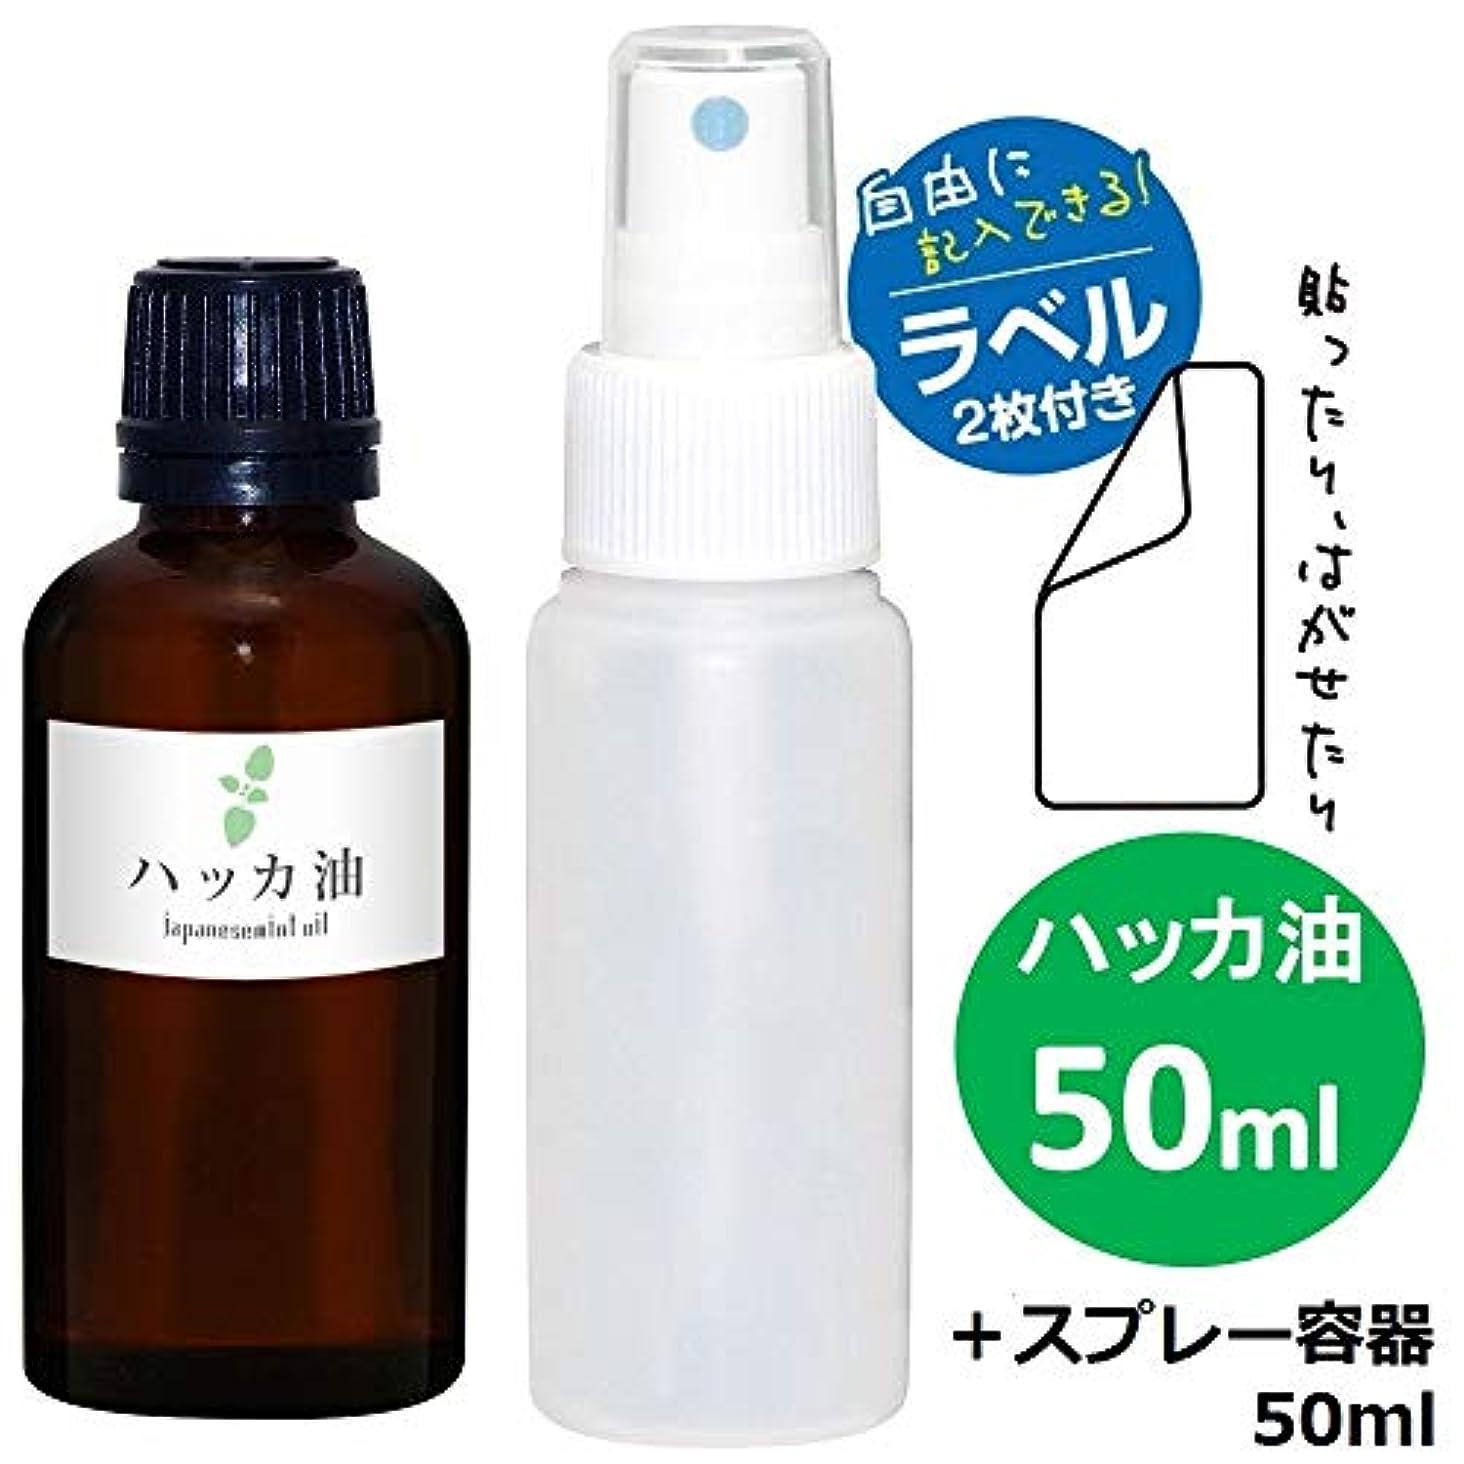 ガチョウ腫瘍アトムガレージ?ゼロ ハッカ油 50ml(GZAK15)+50mlPEスプレーボトル/和種薄荷/ジャパニーズミント/ペパーミント GSE530